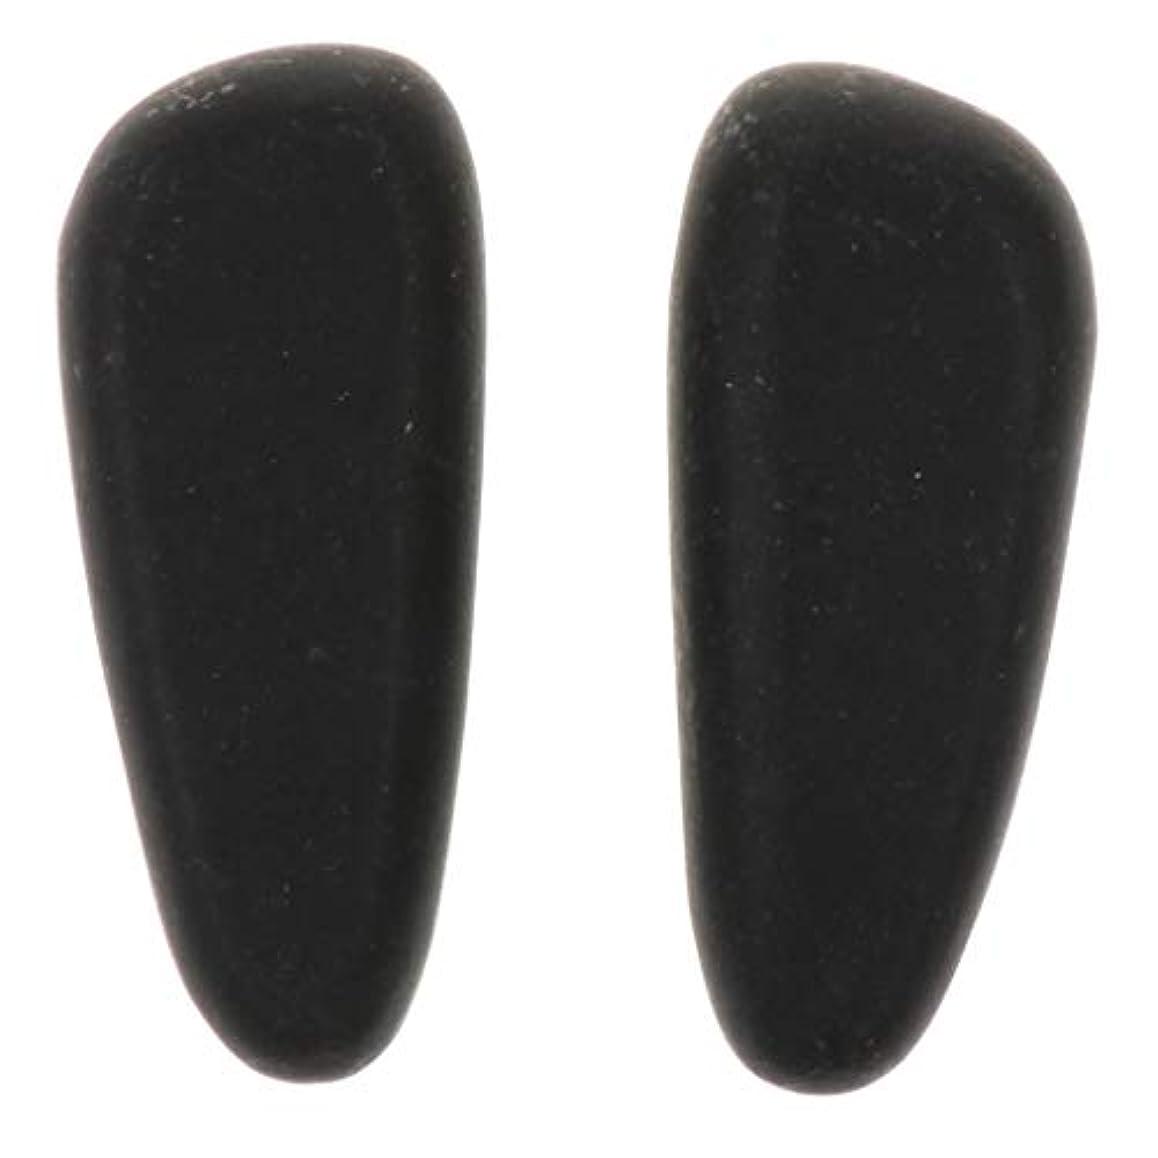 気になる接尾辞花SM SunniMix 天然石ホットストーン マッサージ用玄武岩 マッサージストーン マッサージ石 ボディマッサージ 2個 全2サイズ - 8×3.2×2cm